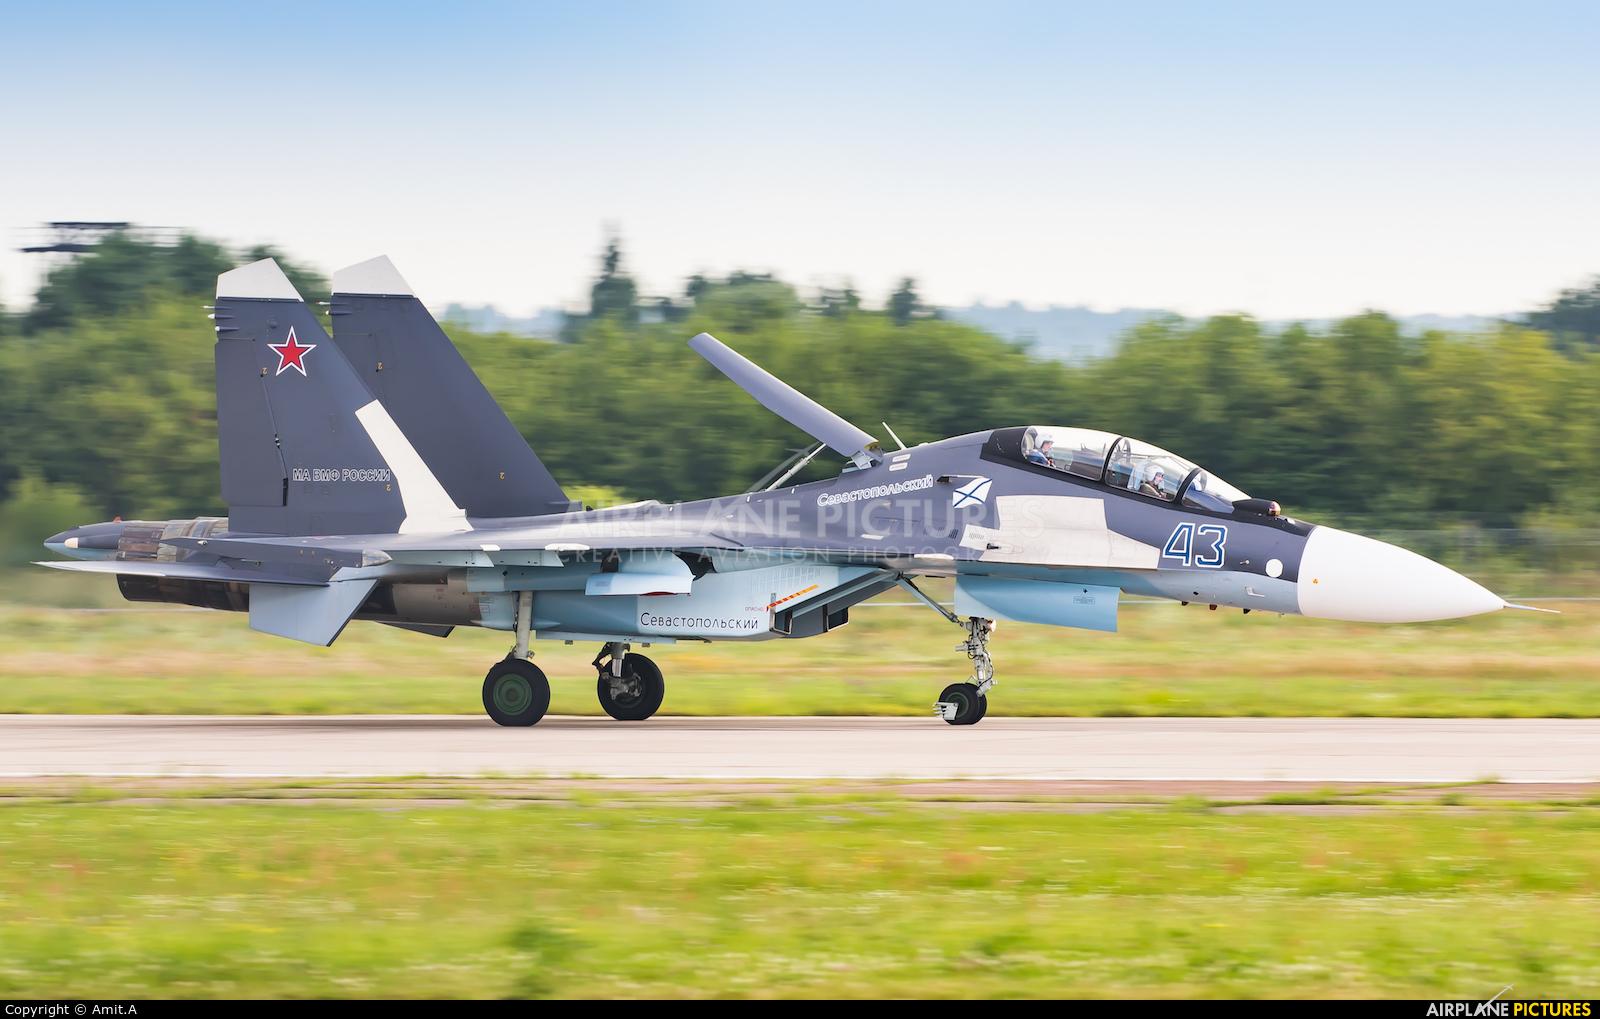 Russia - Navy 43 aircraft at Ramenskoye - Zhukovsky